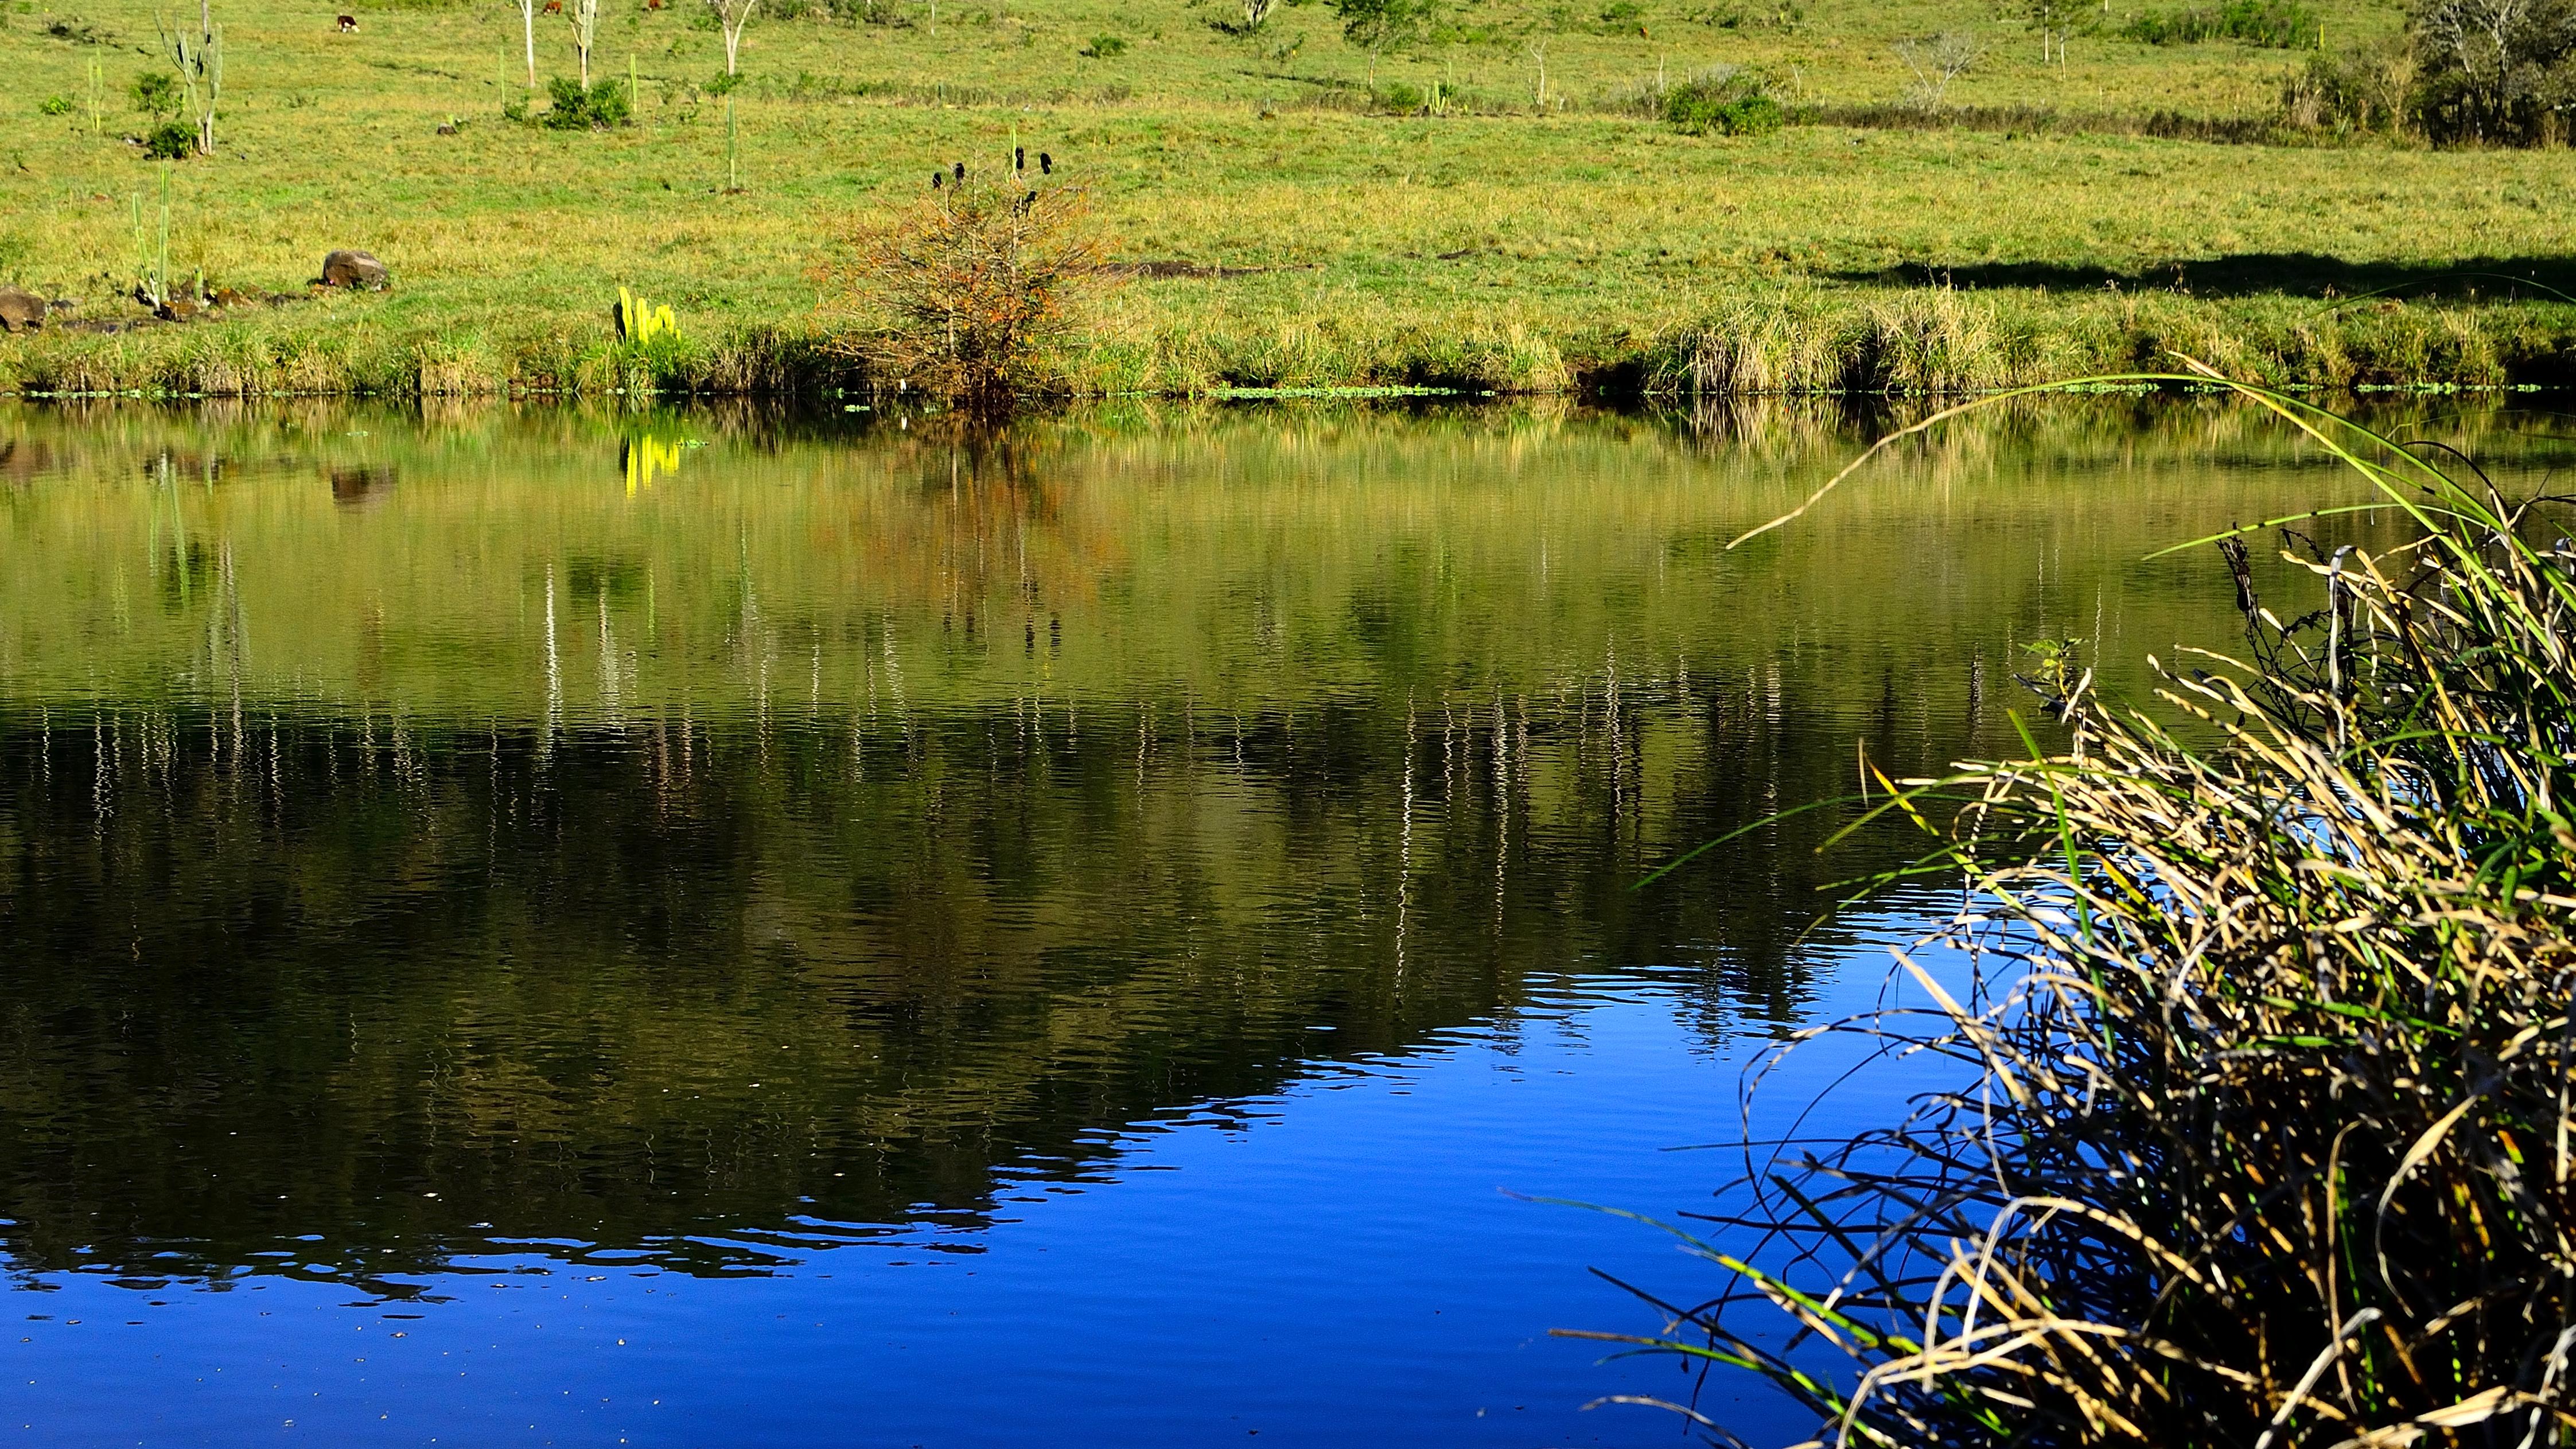 Gambar Pemandangan Pohon Air Alam Rawa Gurun Menanam Padang